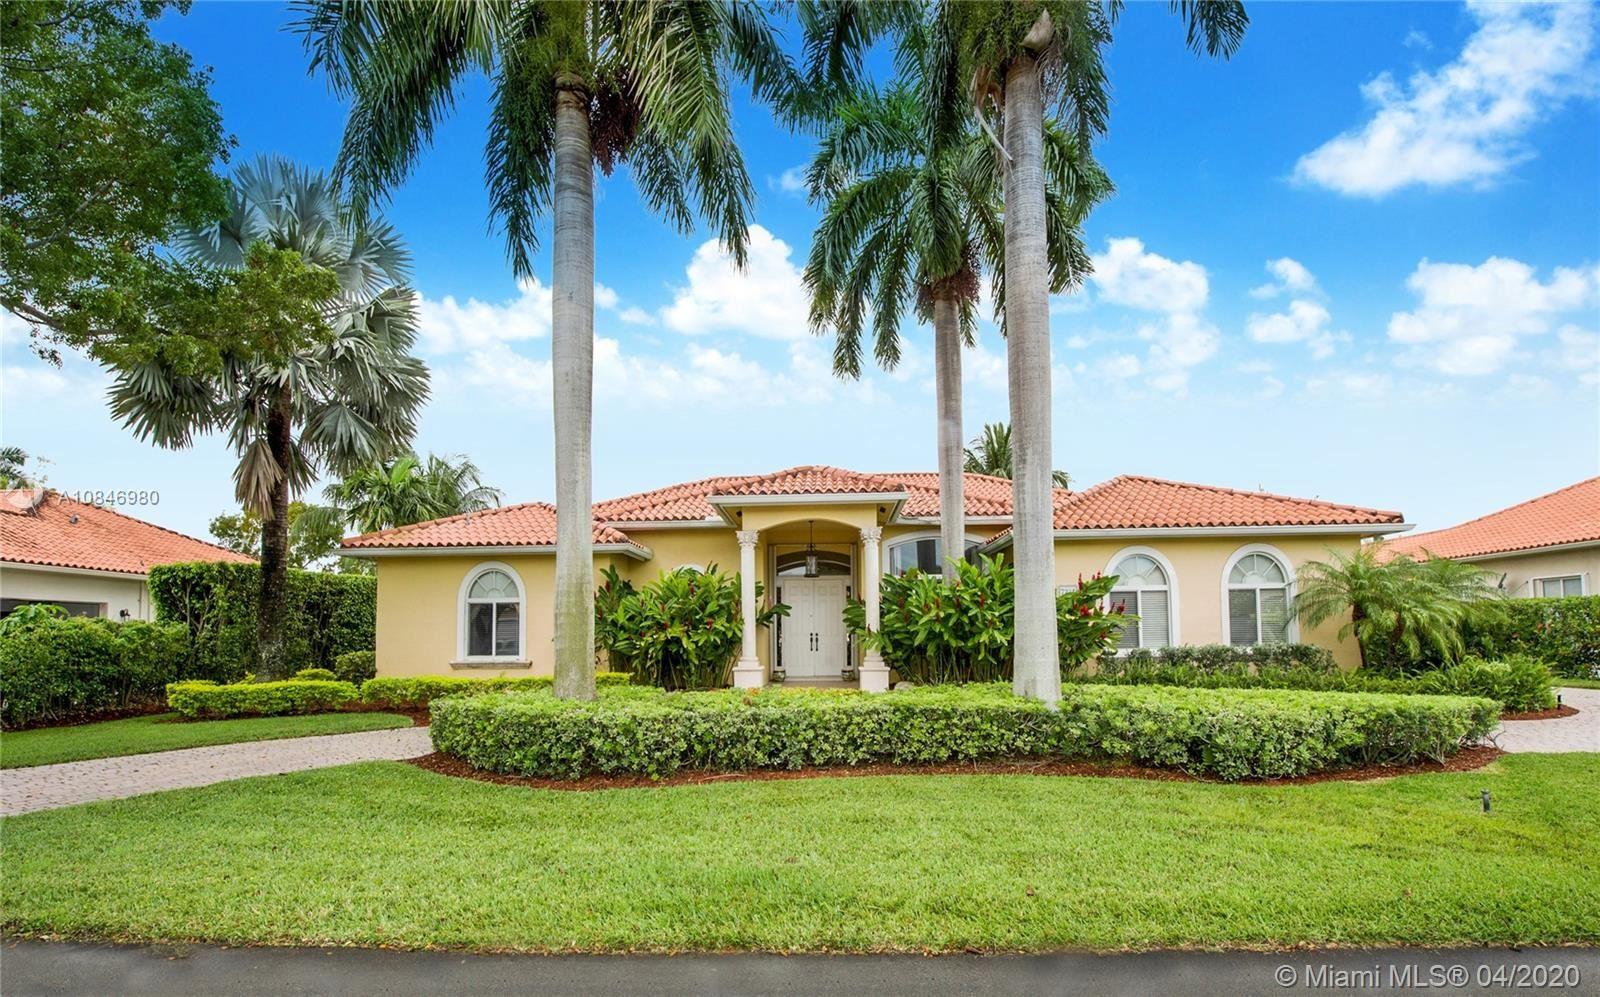 7234 SW 122nd Pl, Miami, FL 33183 - #: A10846980